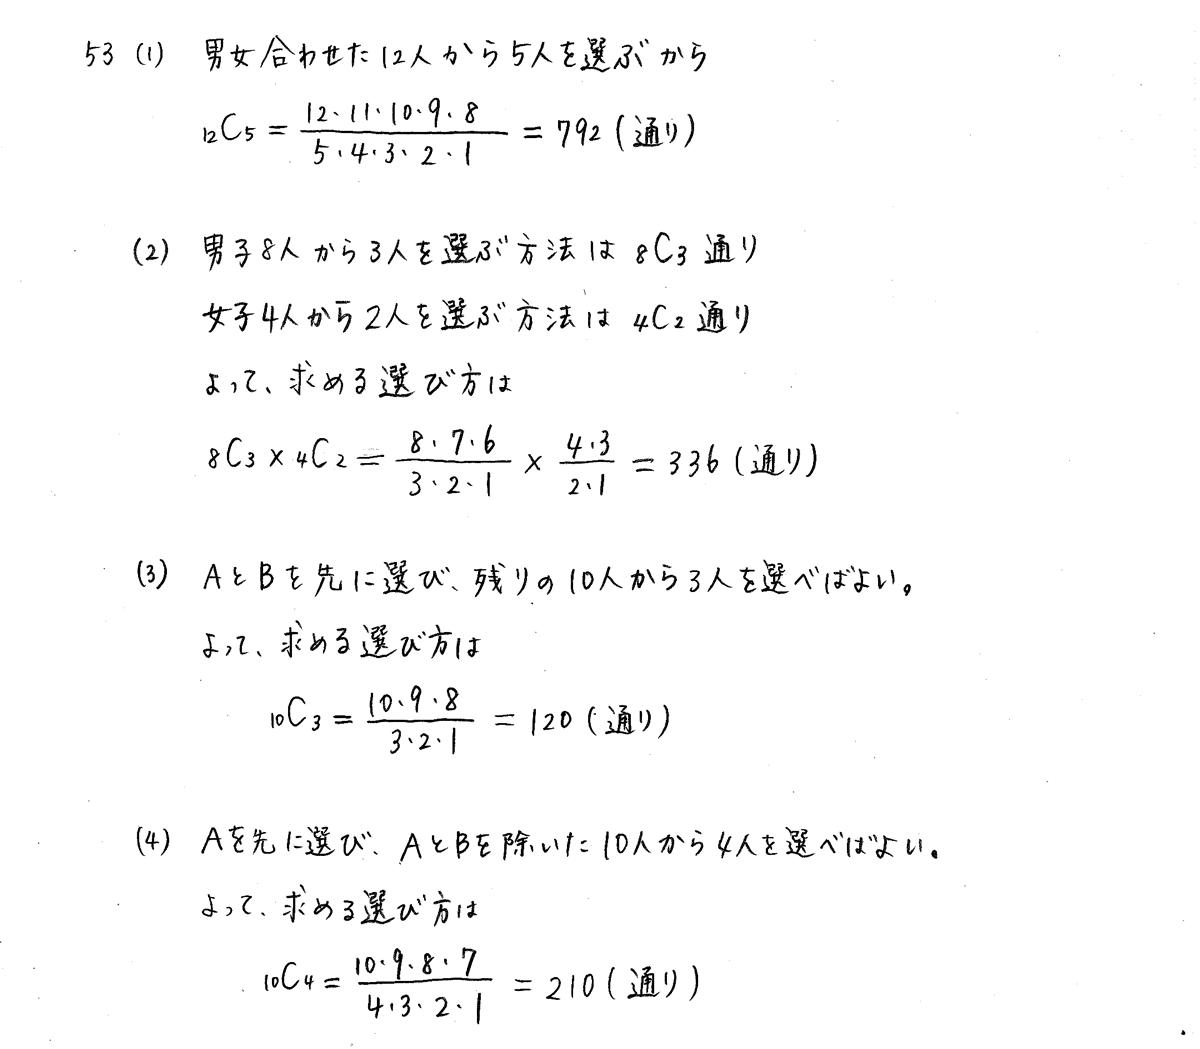 クリアー数学A-53解答